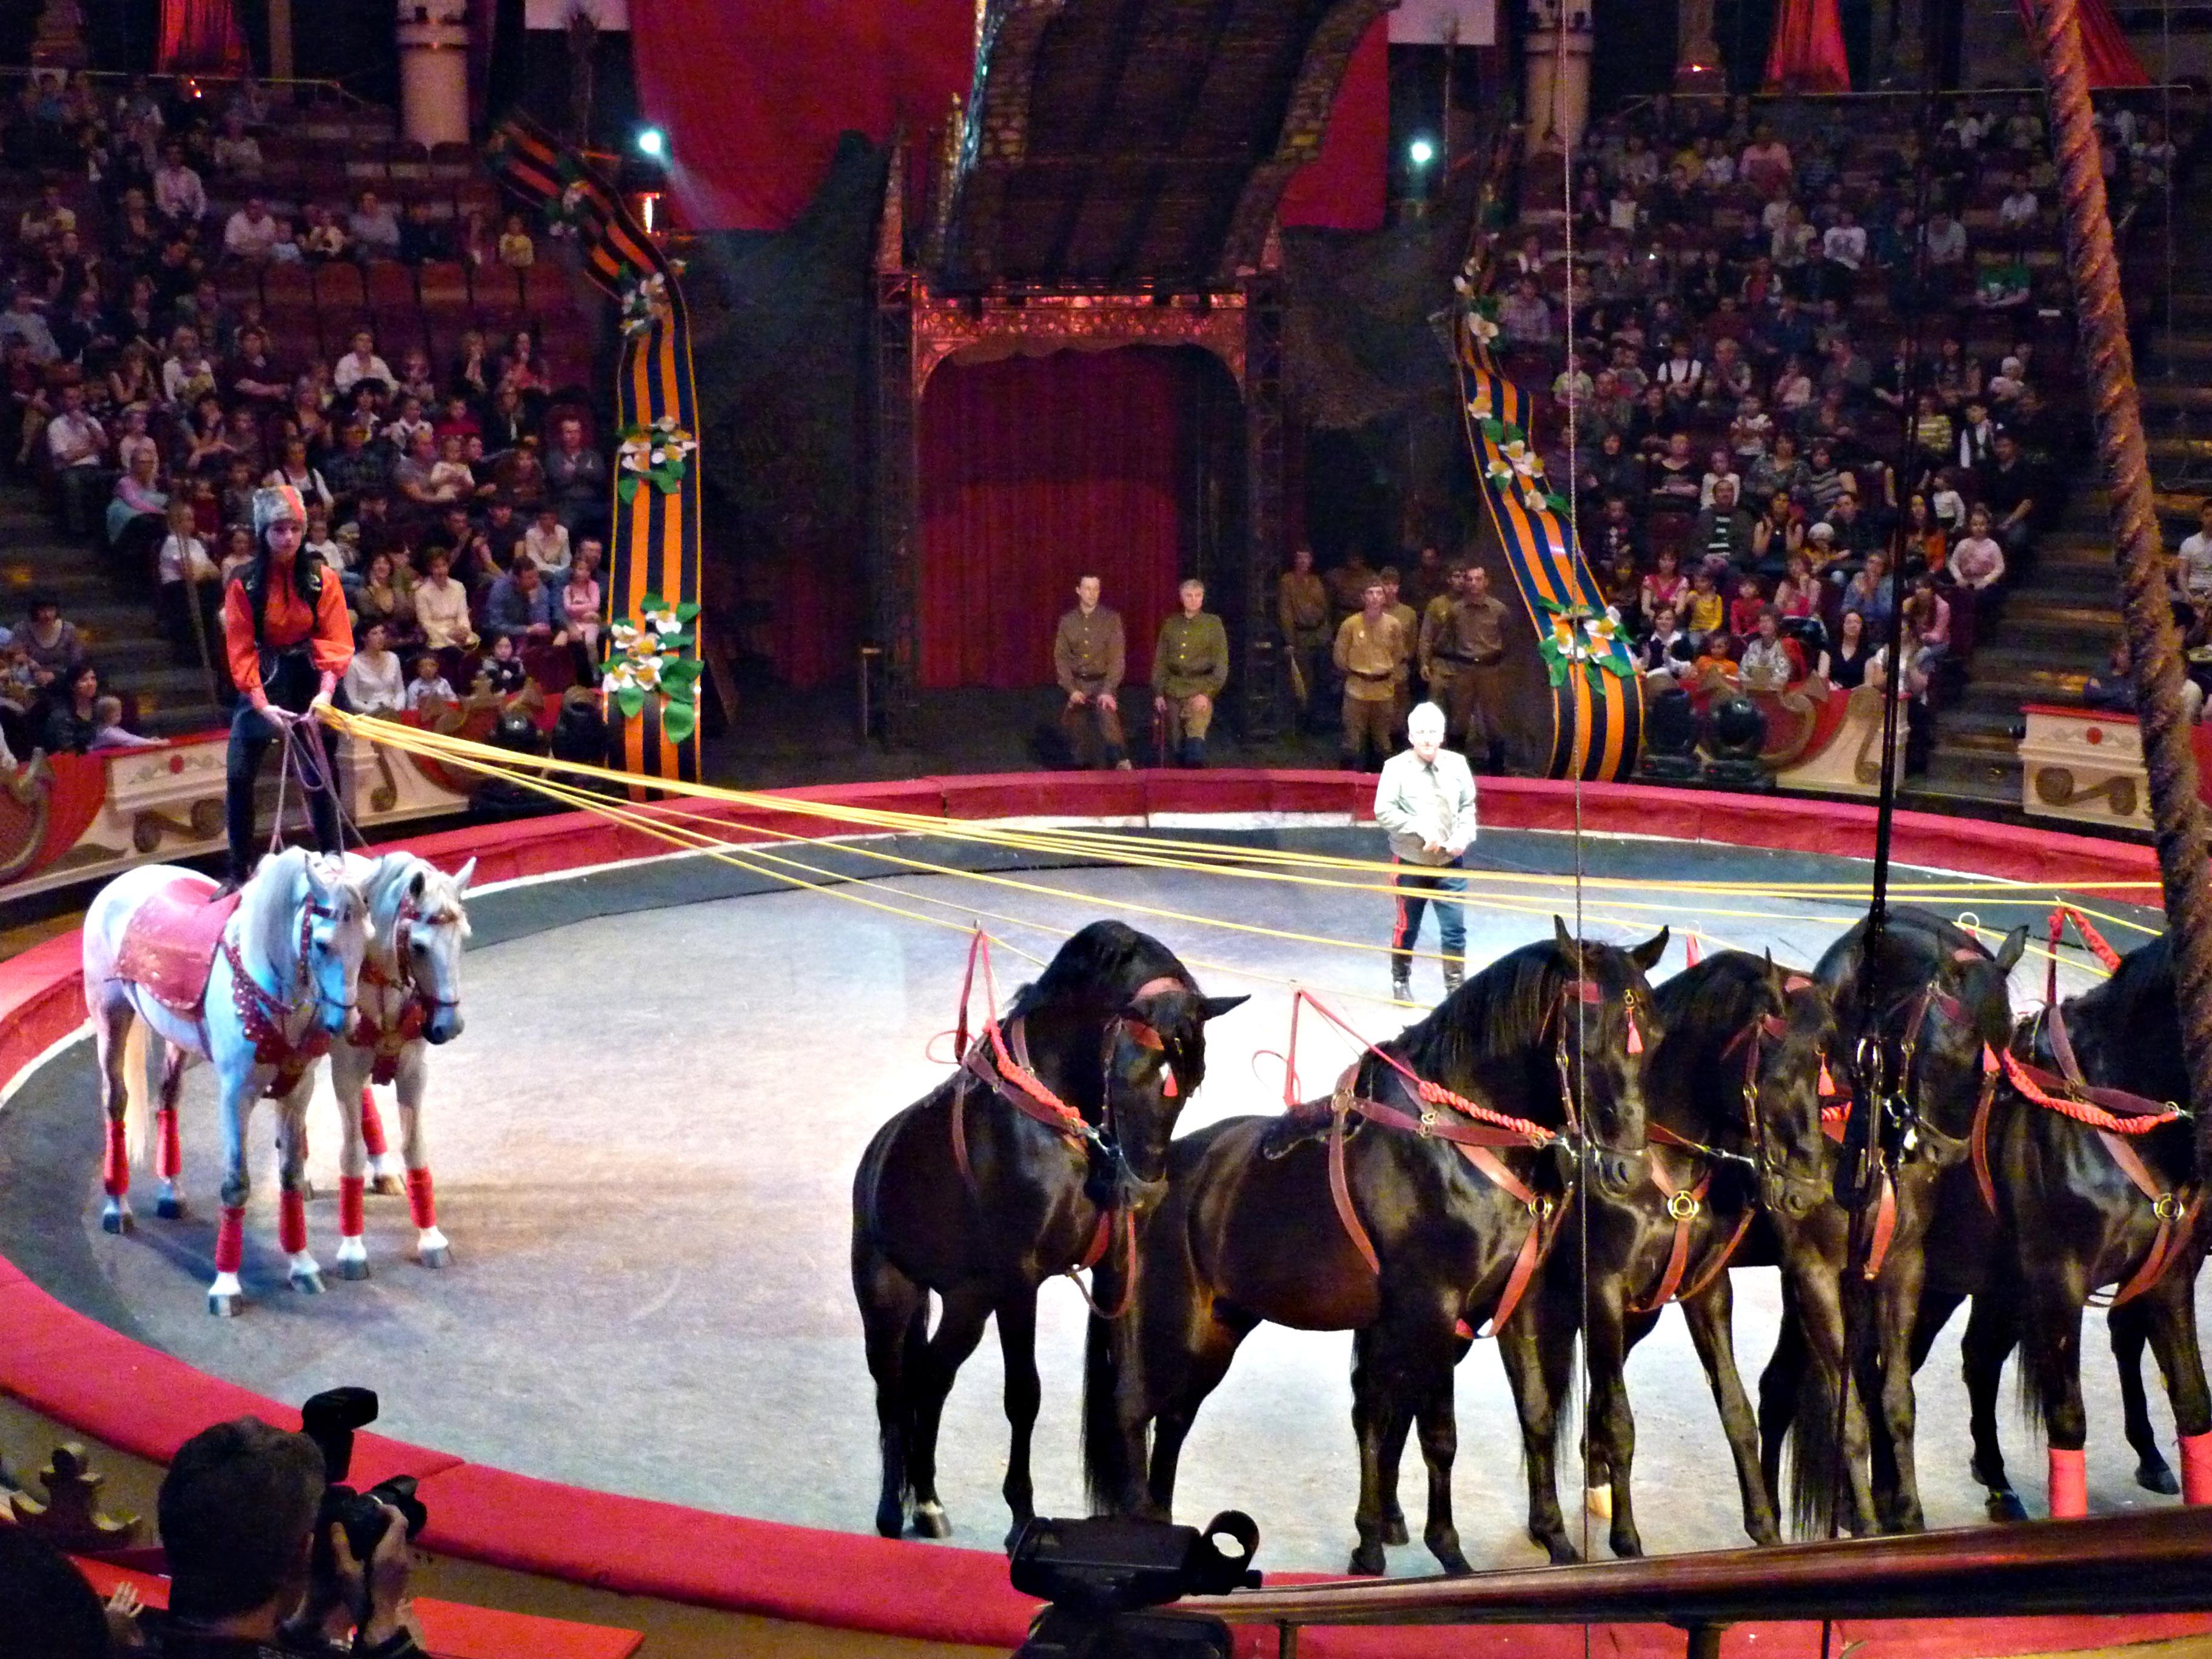 картинка цирк высокое качество предлагаю сделать прочном